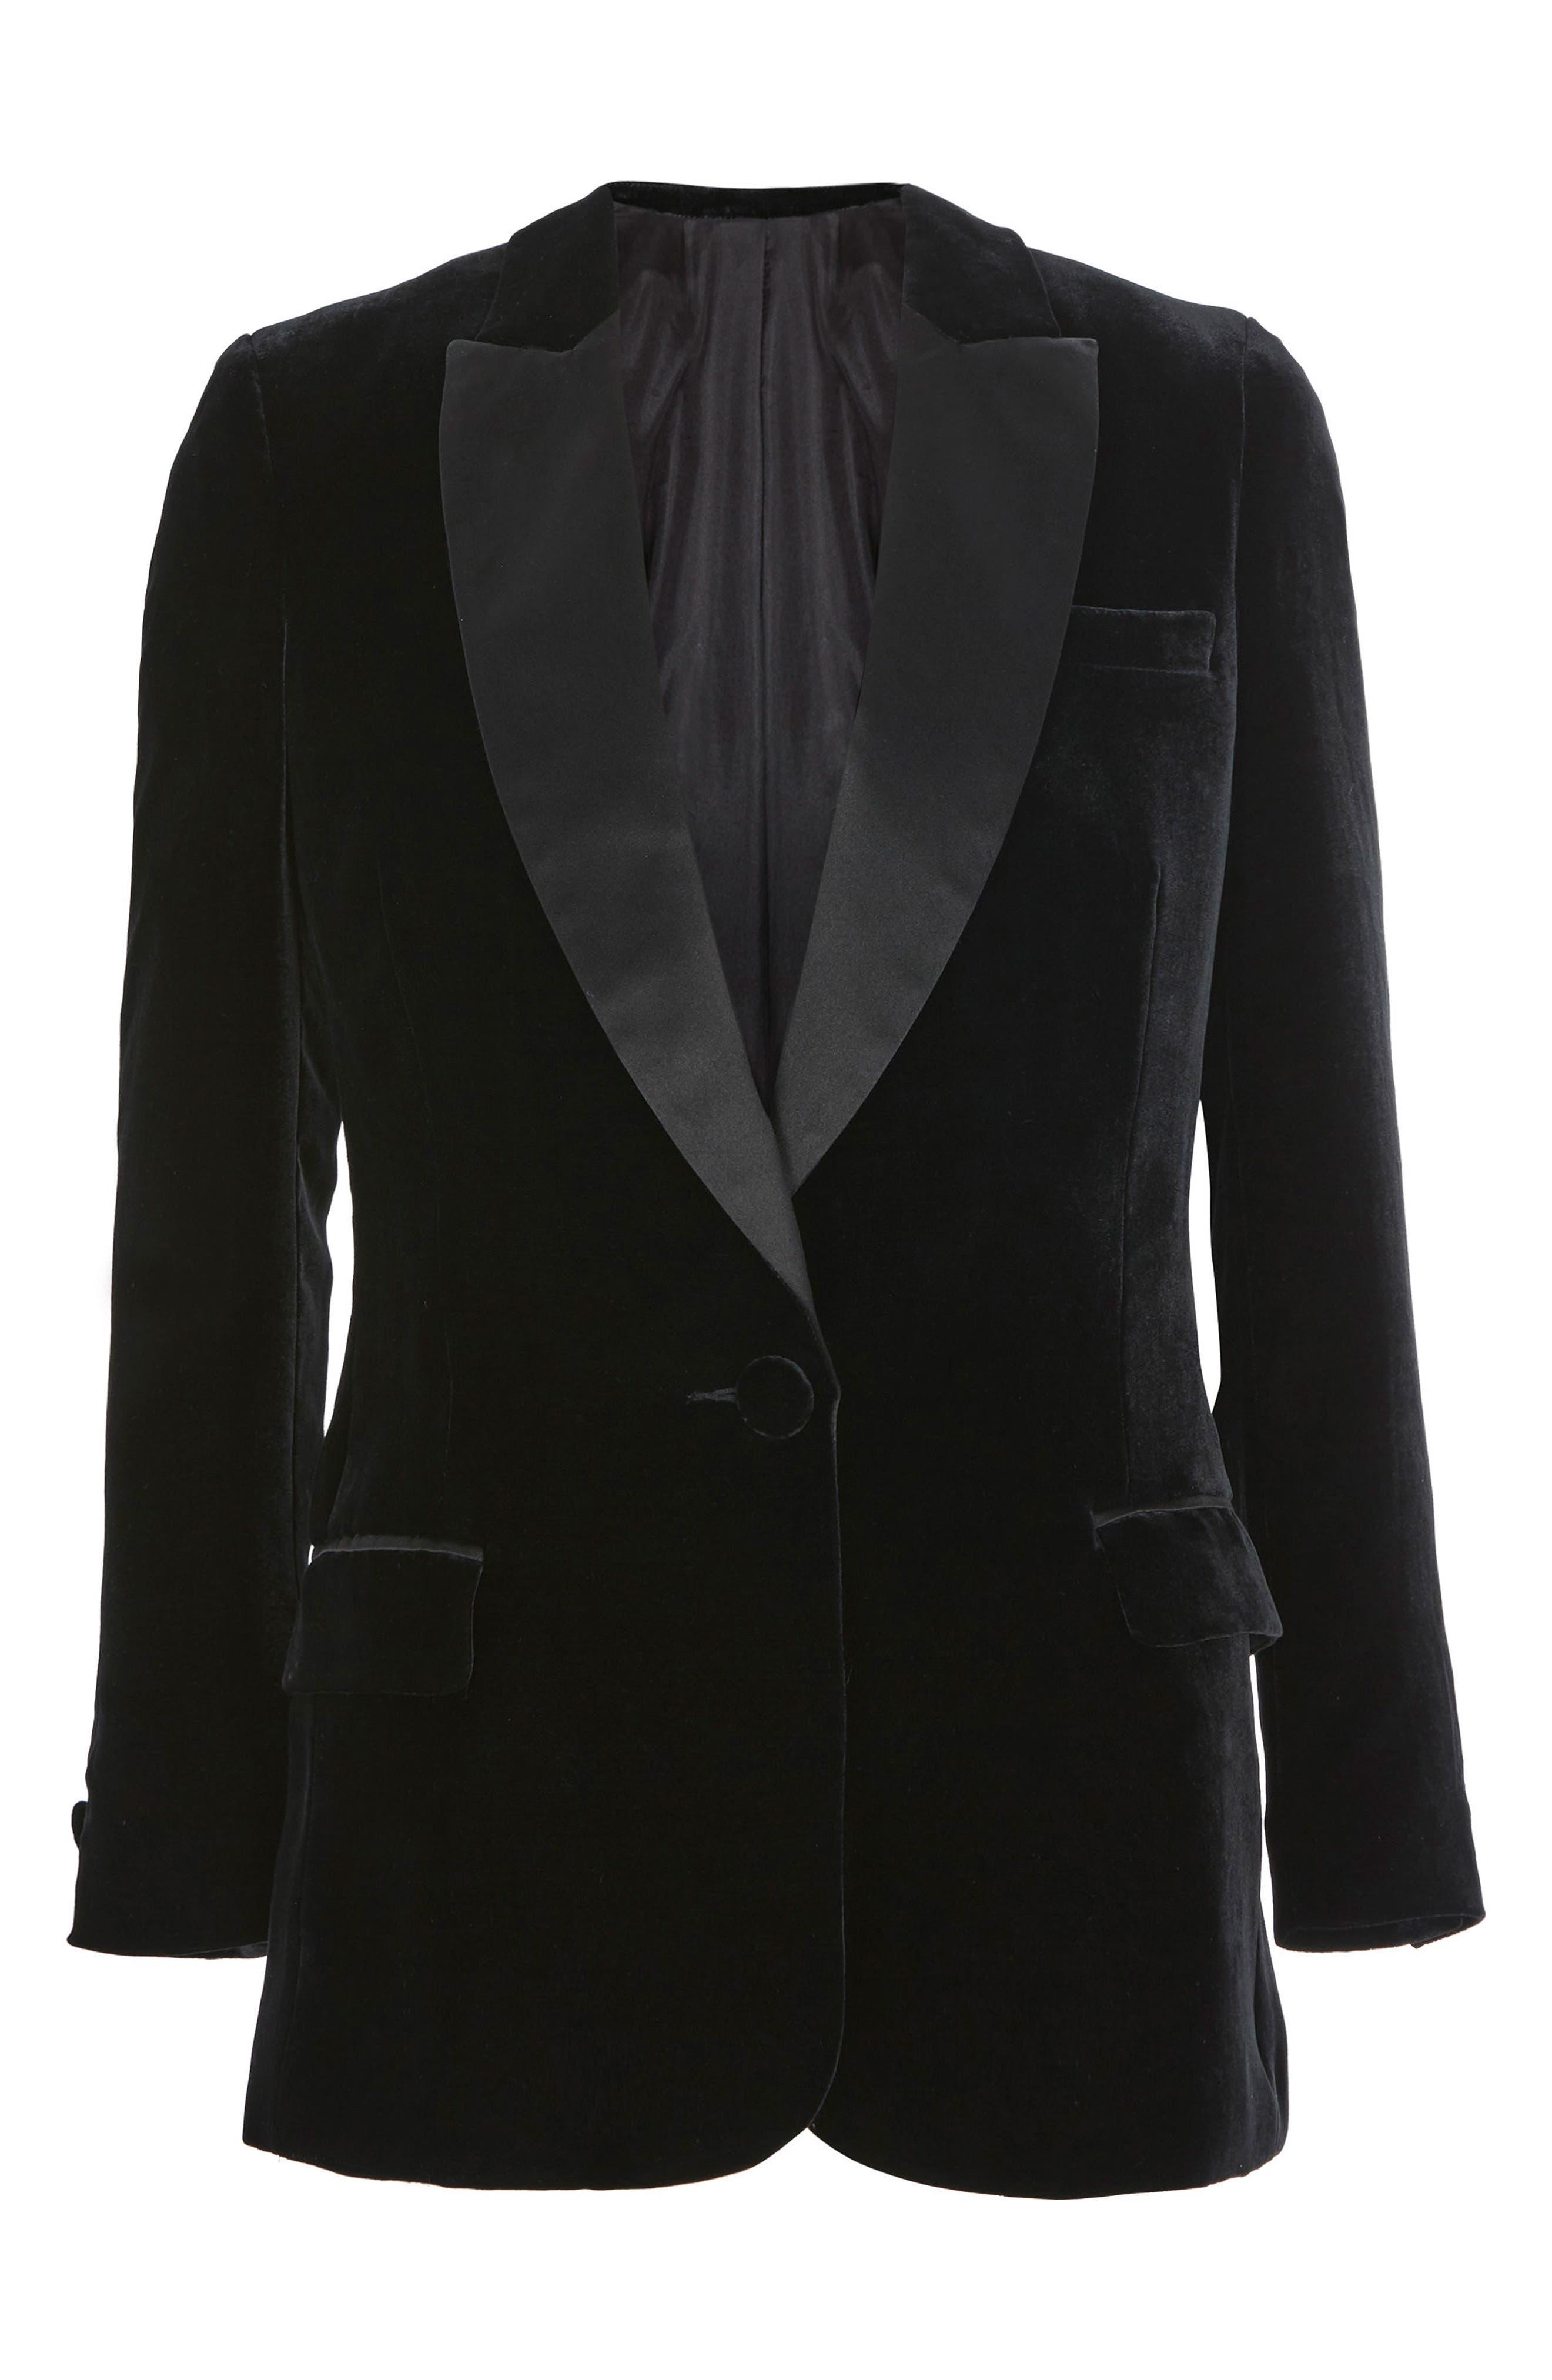 Topshop Velvet Tuxedo Blazer